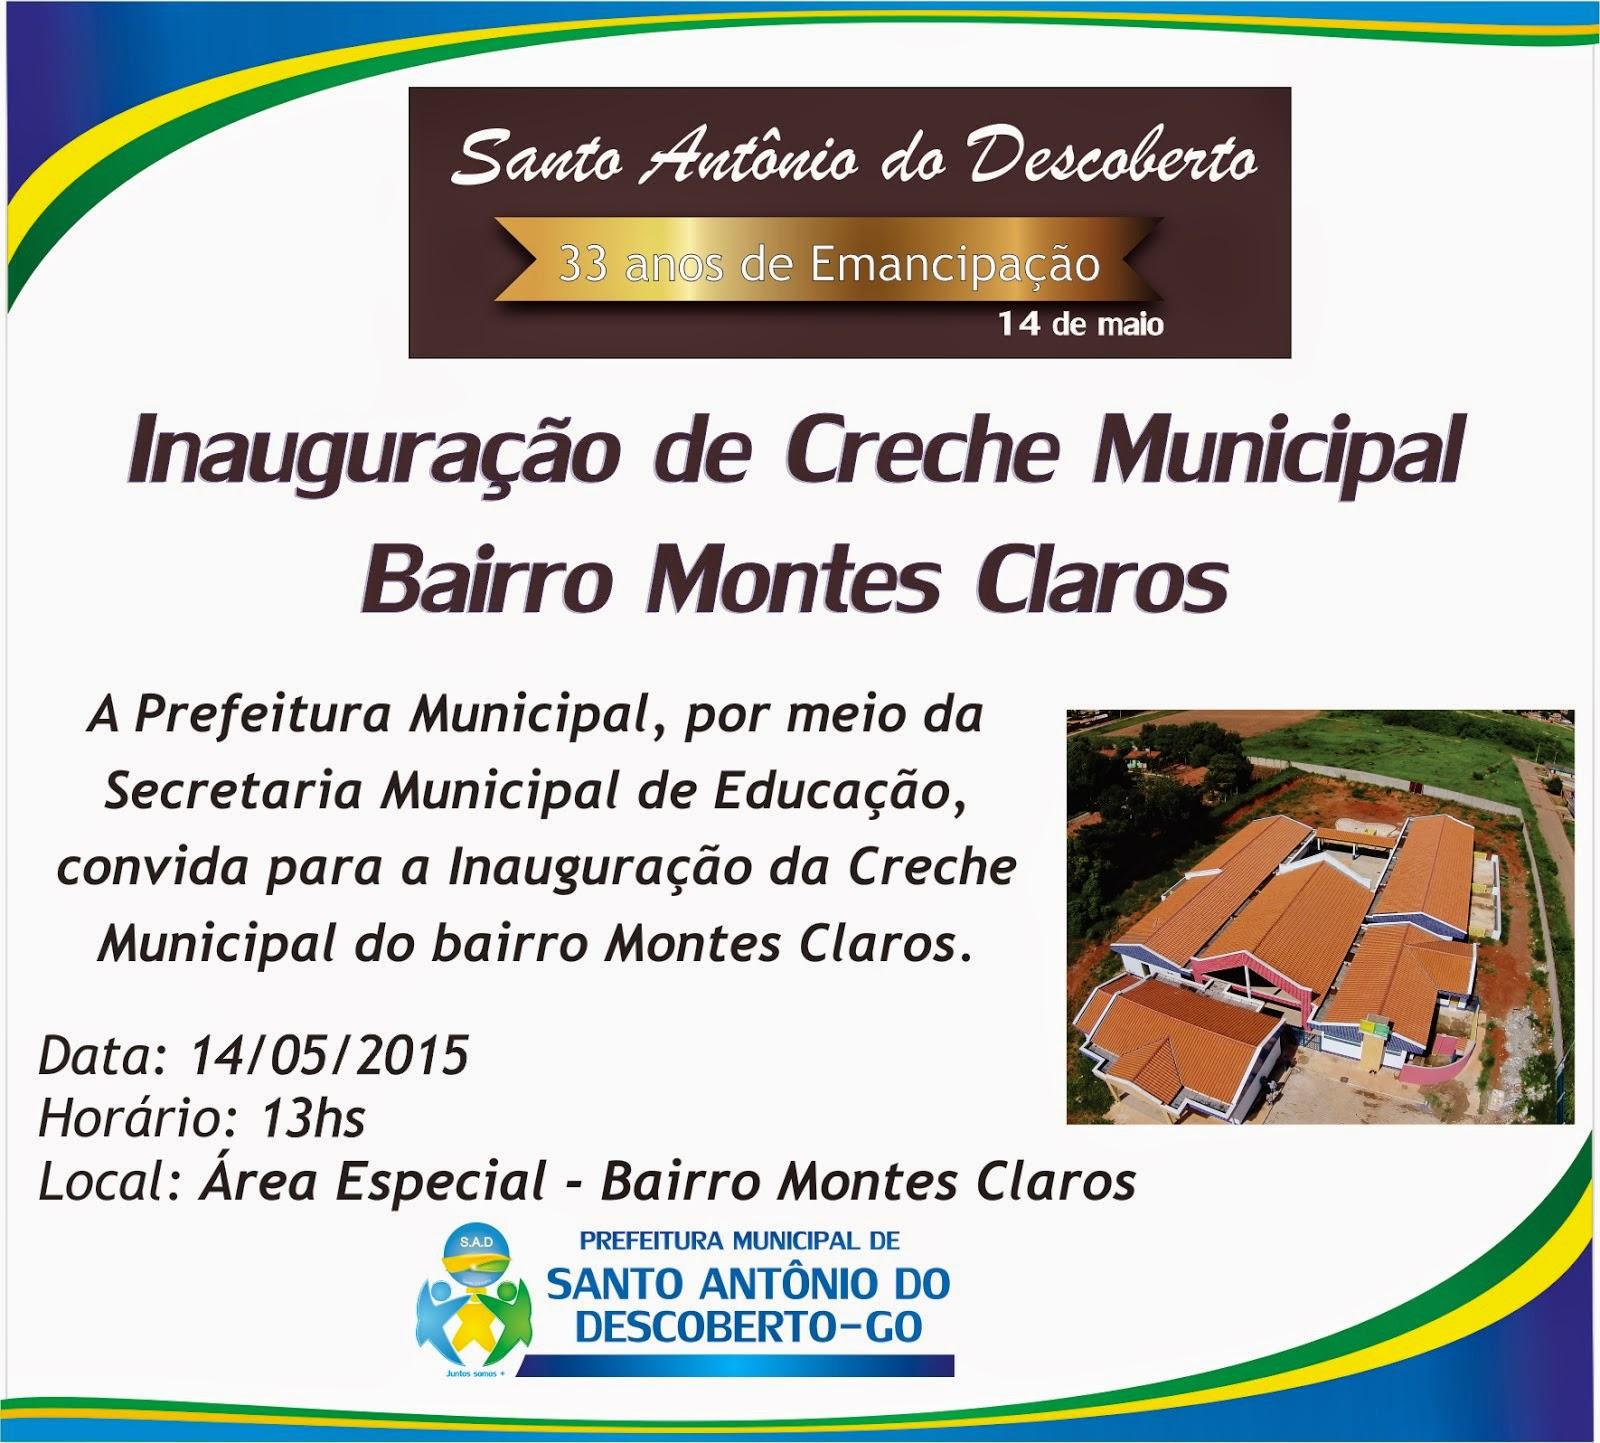 Inauguração Creche Municipal